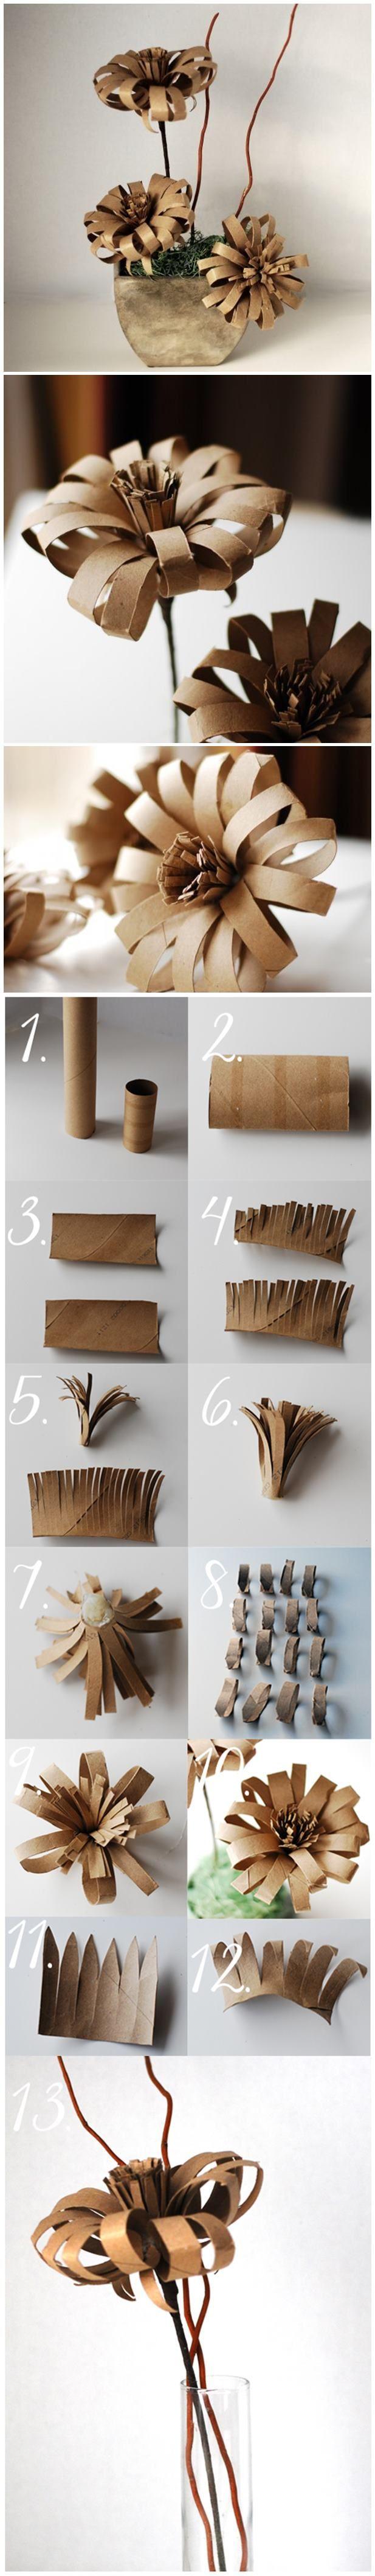 Wie man Krepppapier-Blumen für Hauptdekoration macht   Papierwelten ...